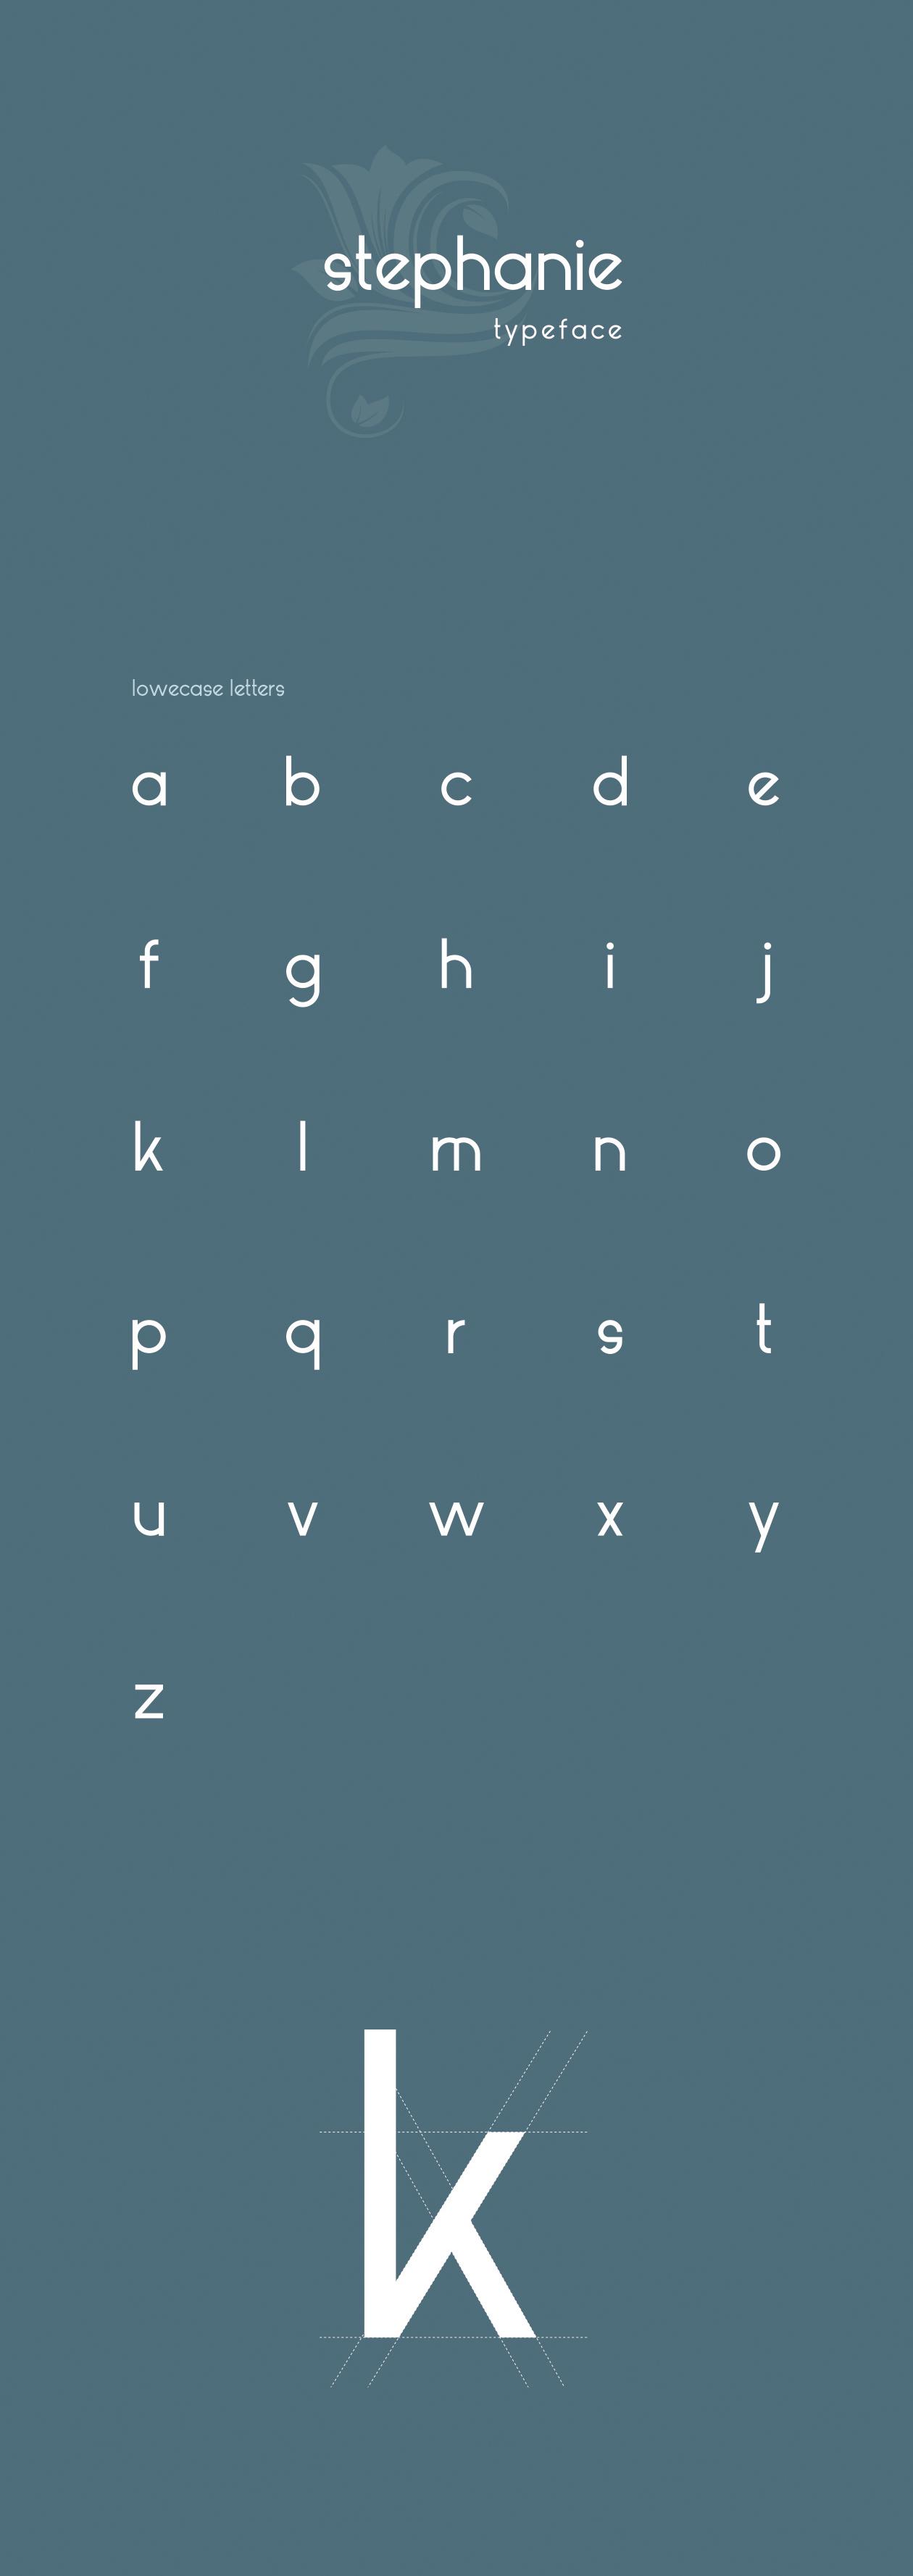 stephanie typeface